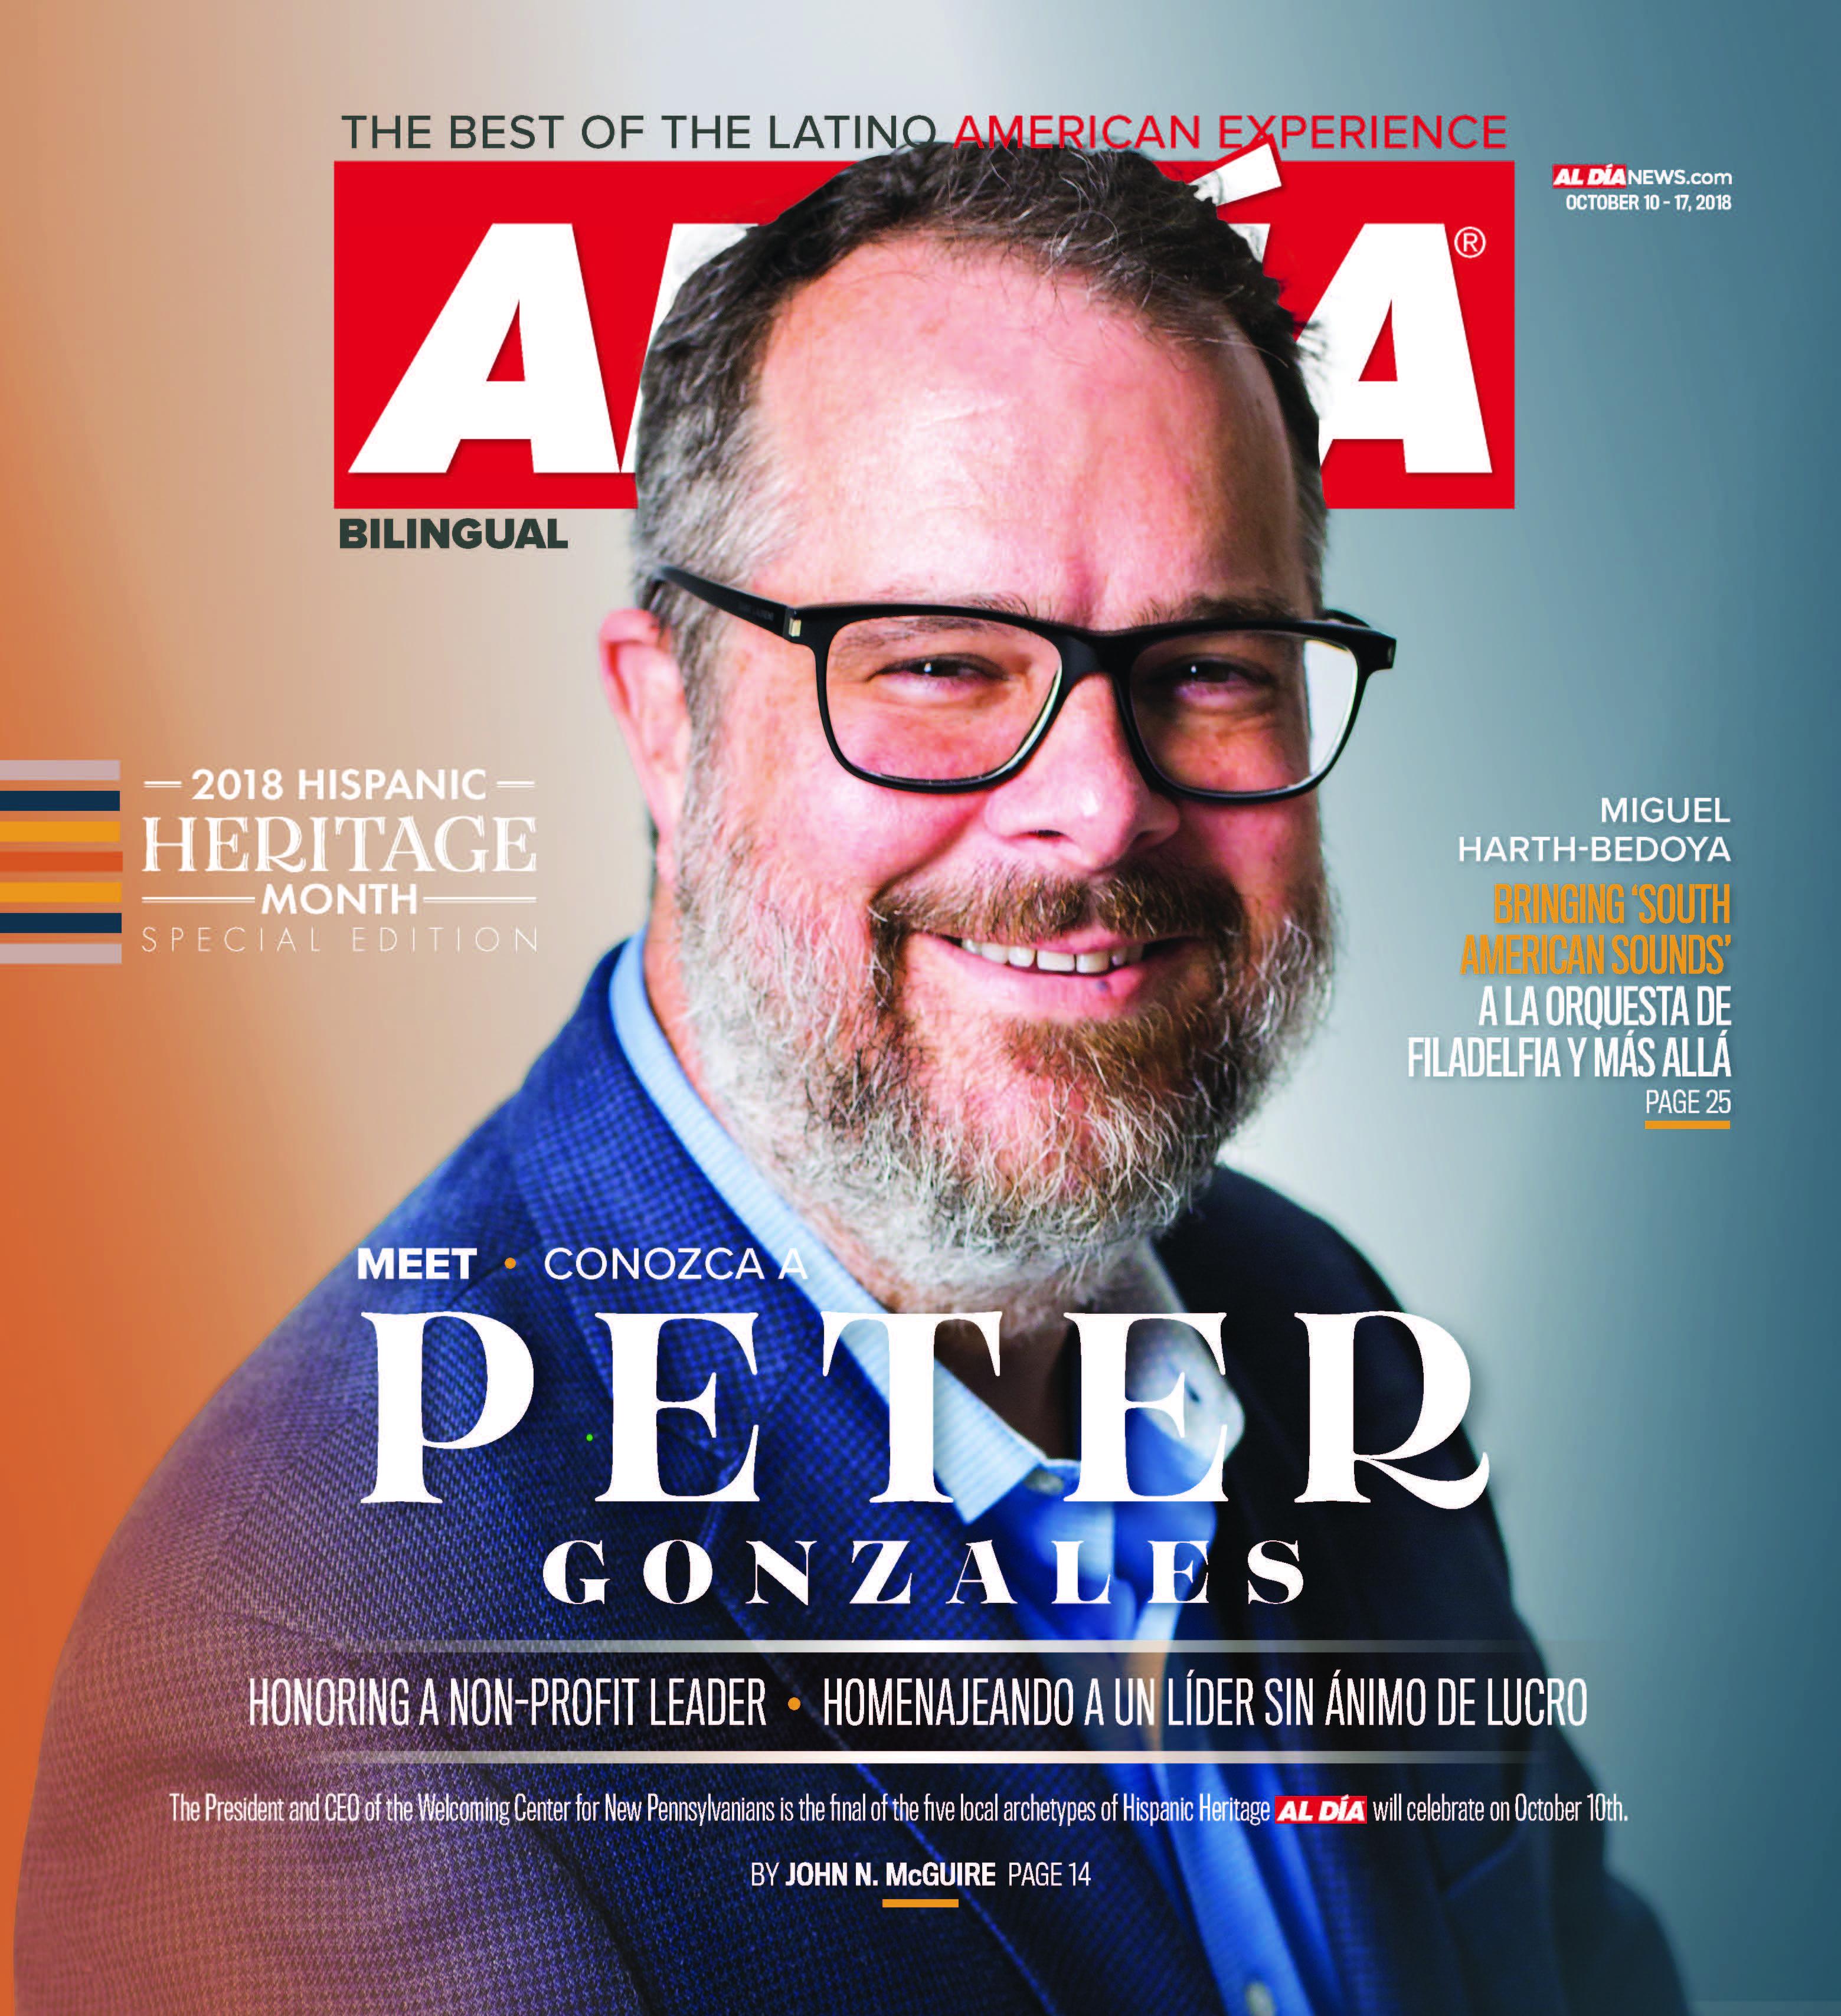 AL DIA News Print Edition October 10 - 17, 2018